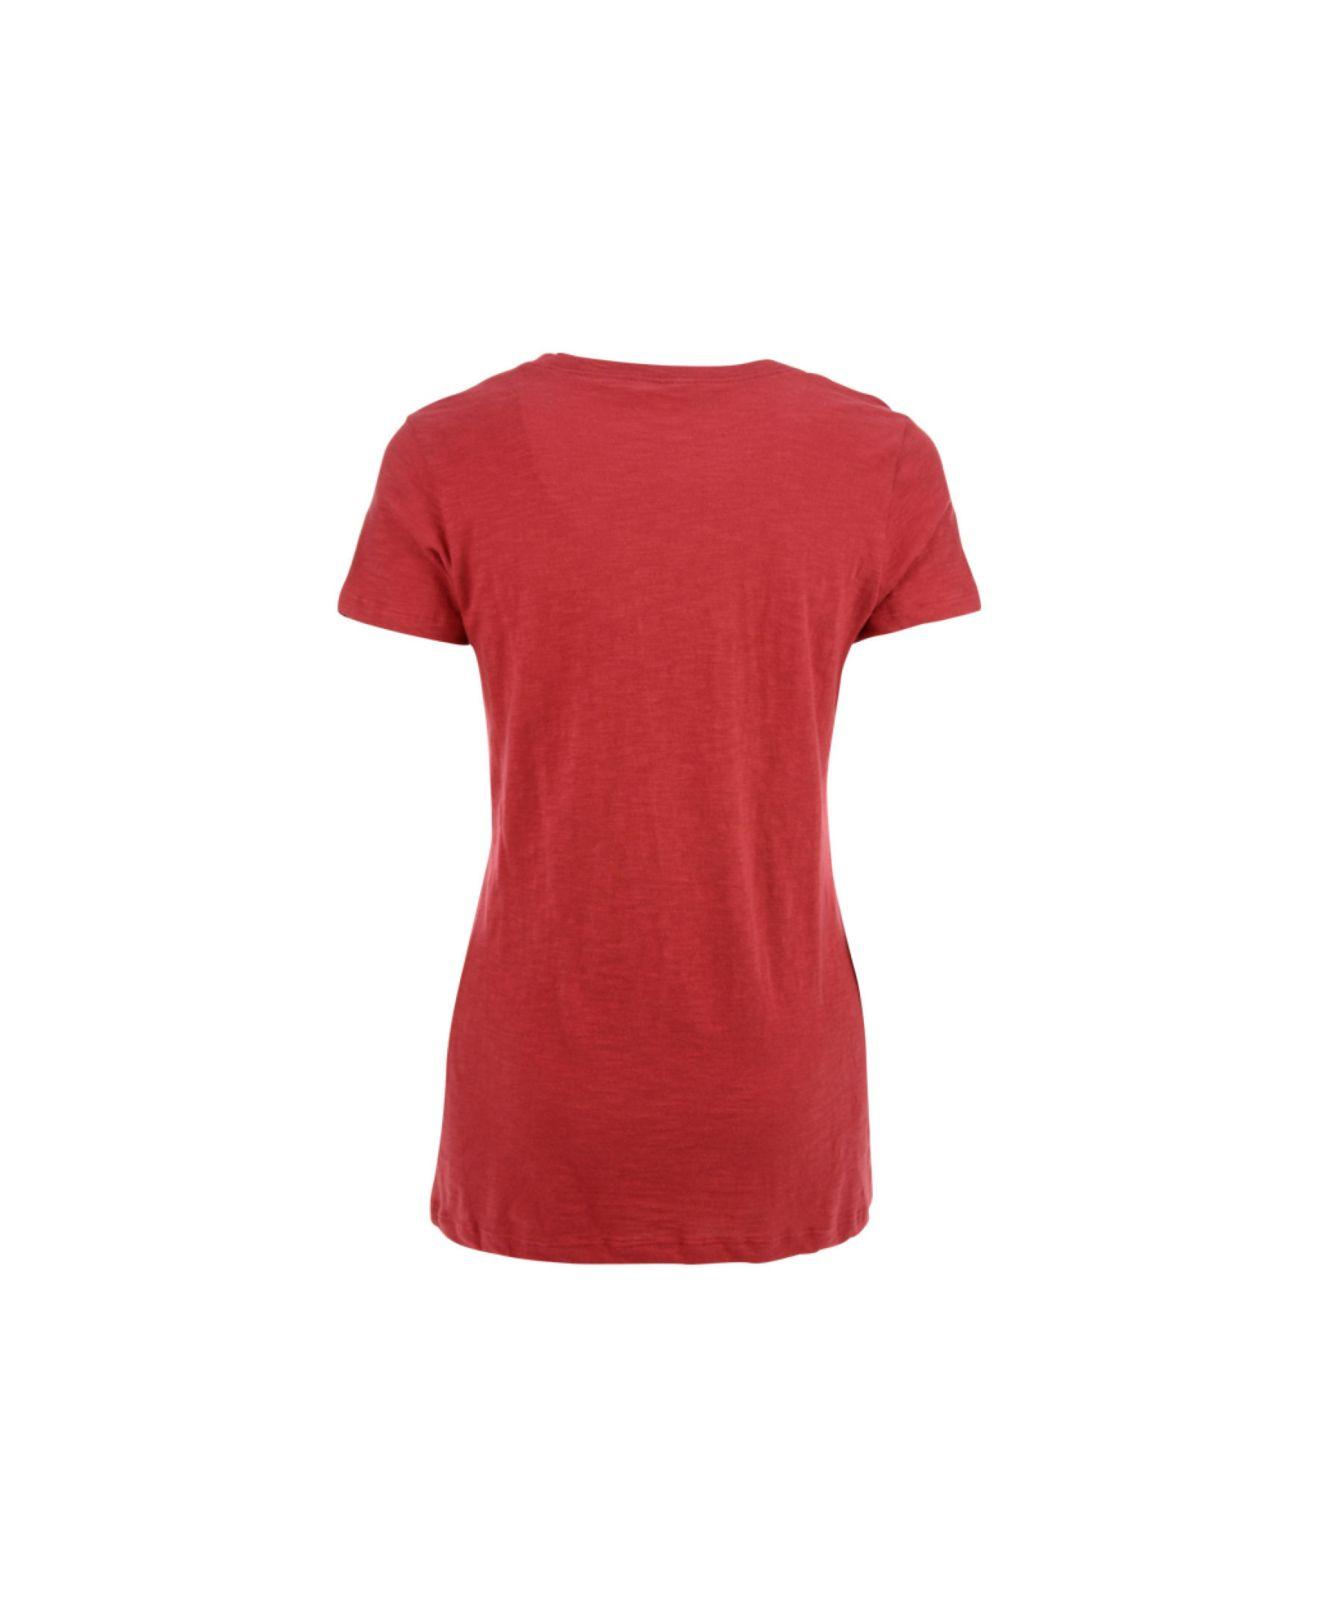 43730932 47 Brand Red Women's Short-sleeve St. Louis Cardinals V-neck T-shirt